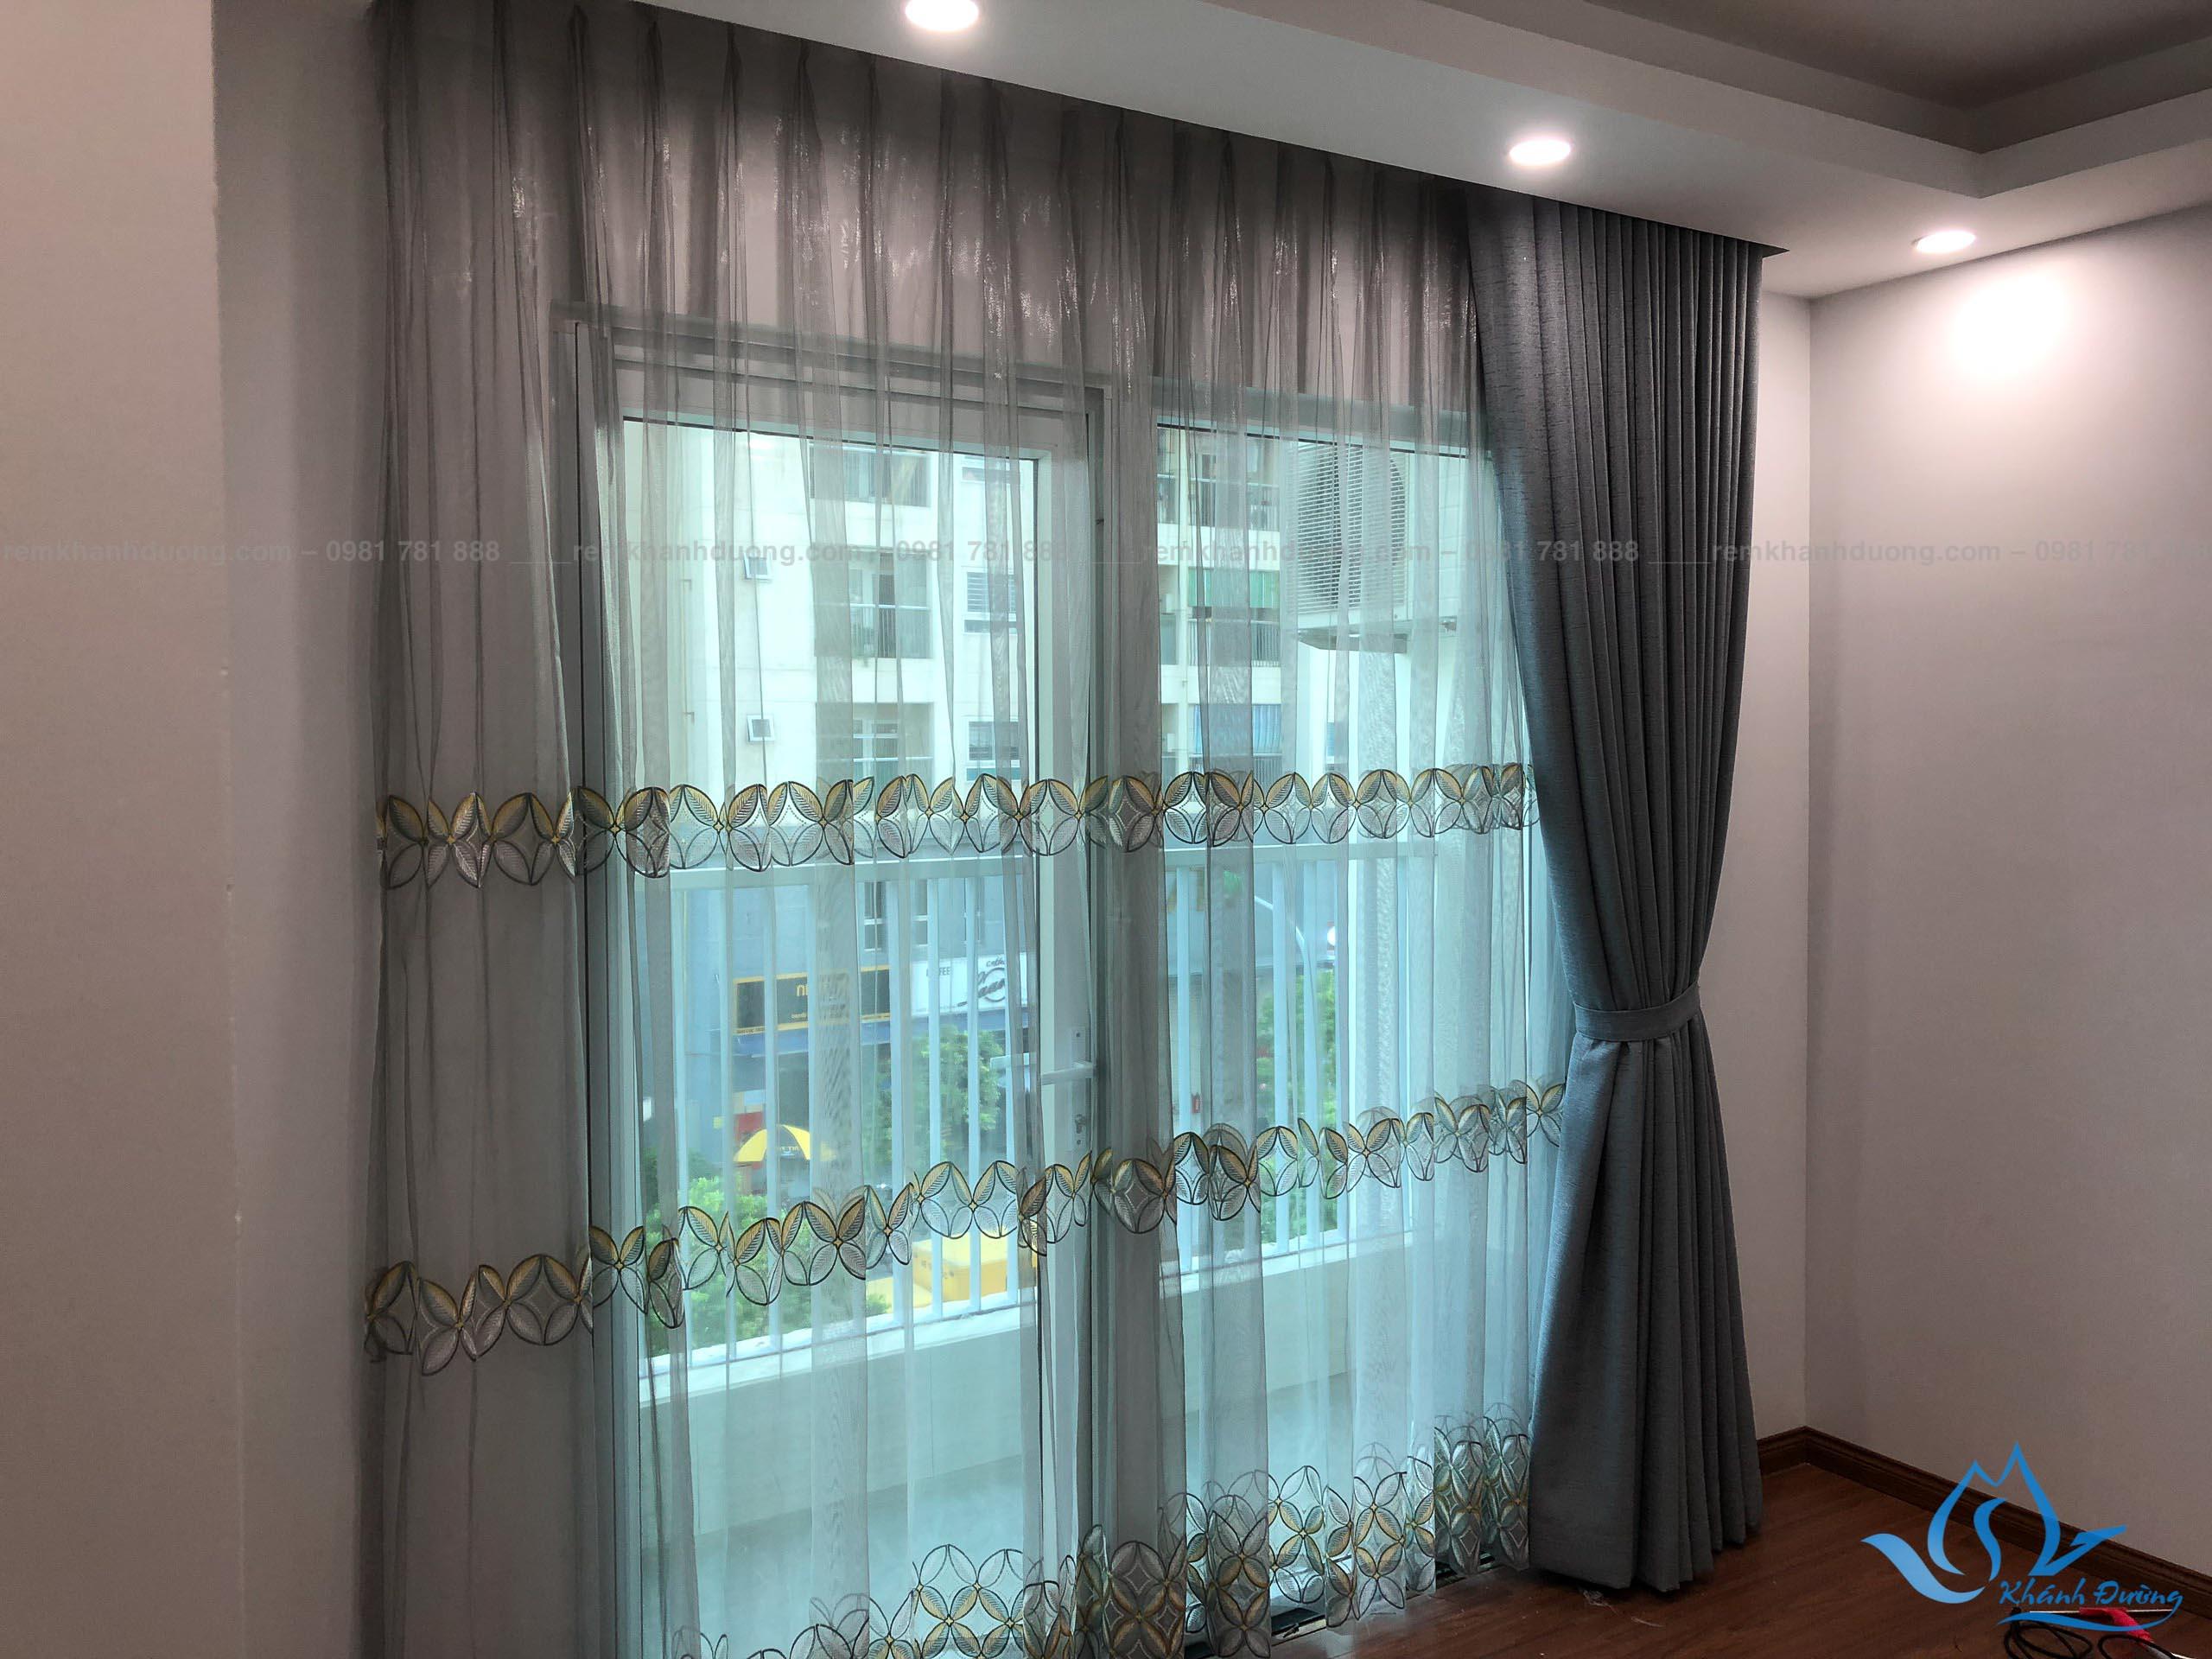 Mẫu 8 rèm voan họa tiết màu ghi mới tại Vinaconex 3